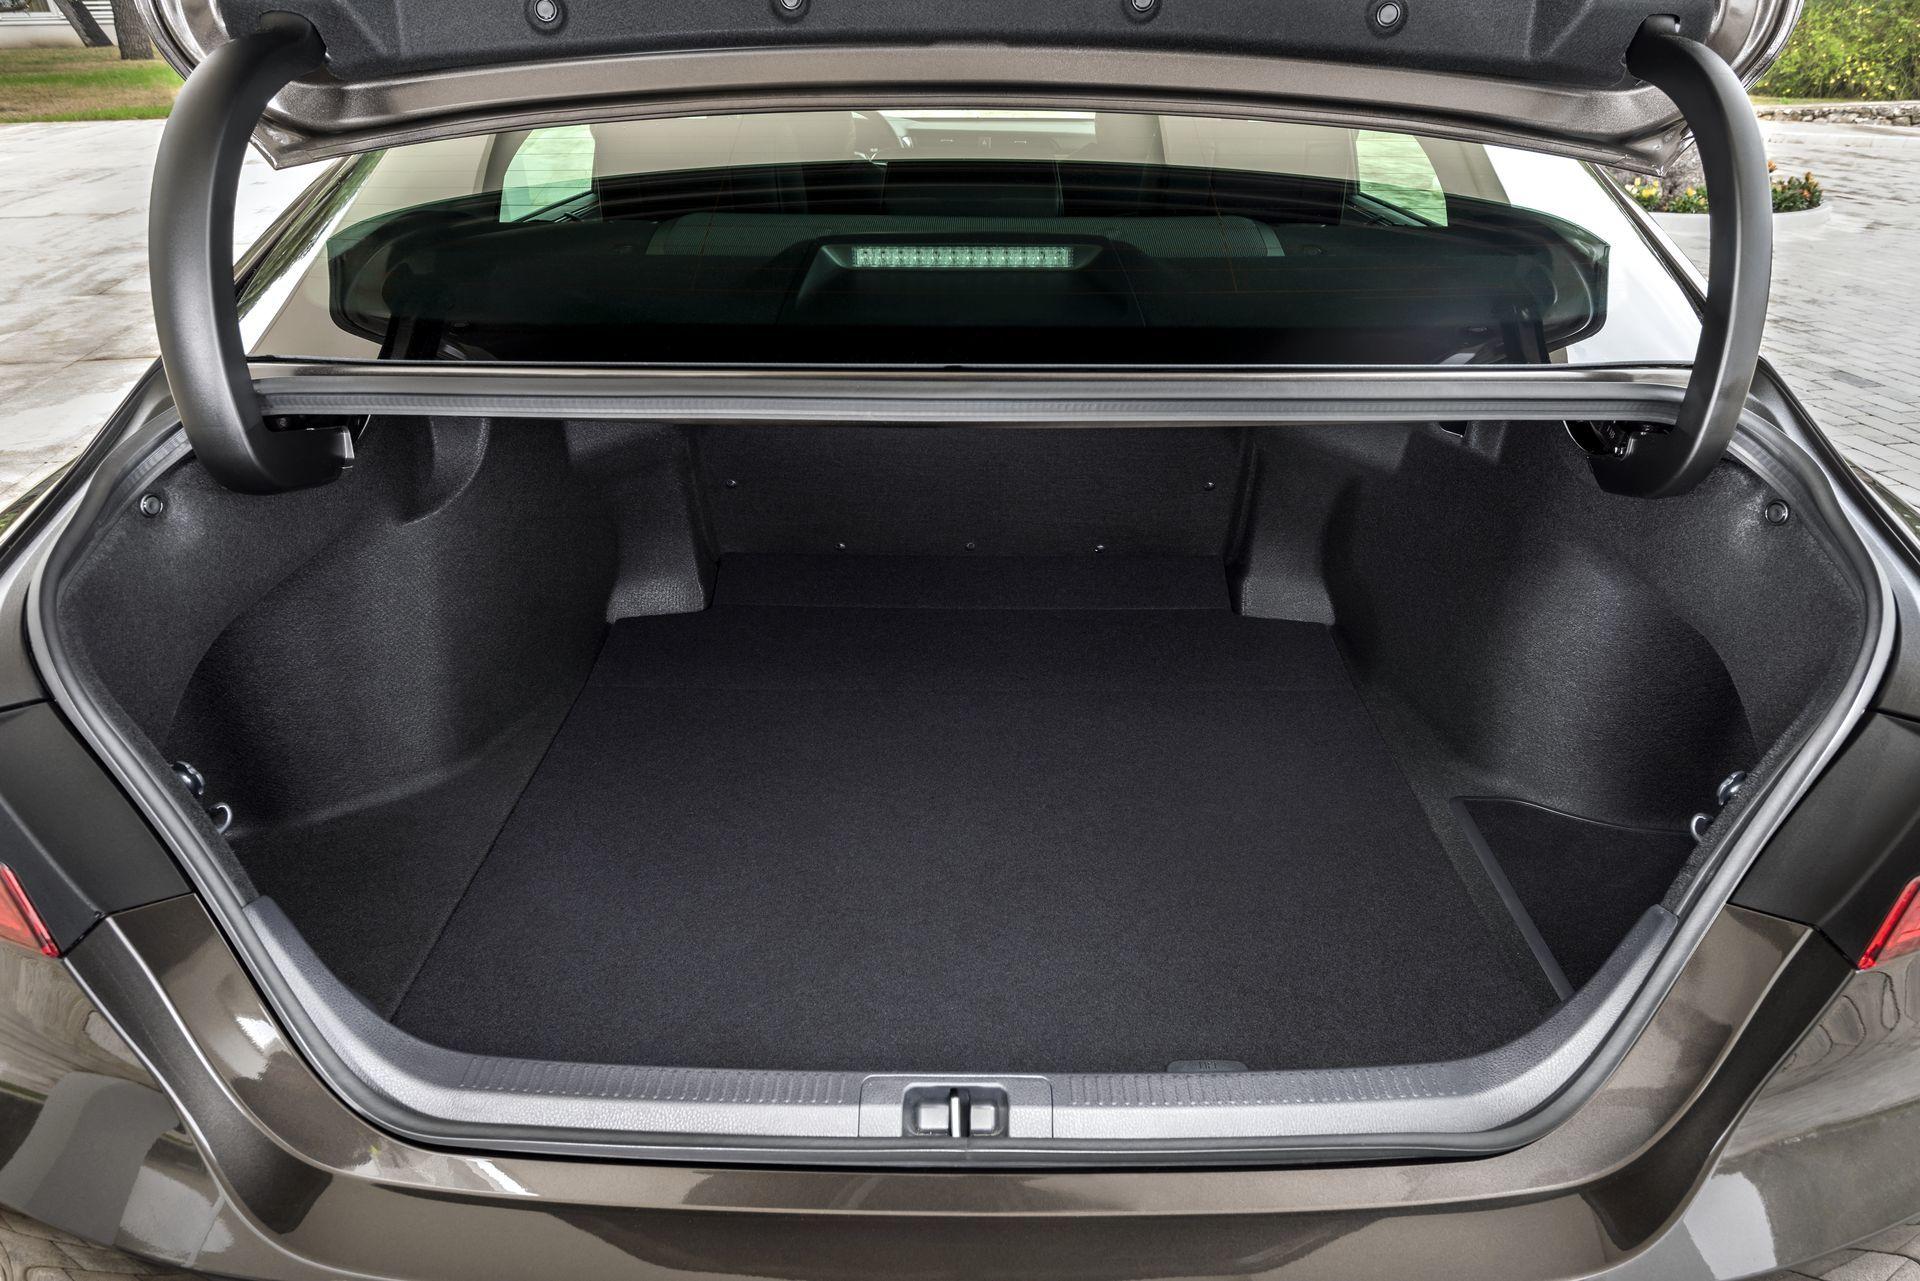 Toyota Camry Hybrid 2019 23